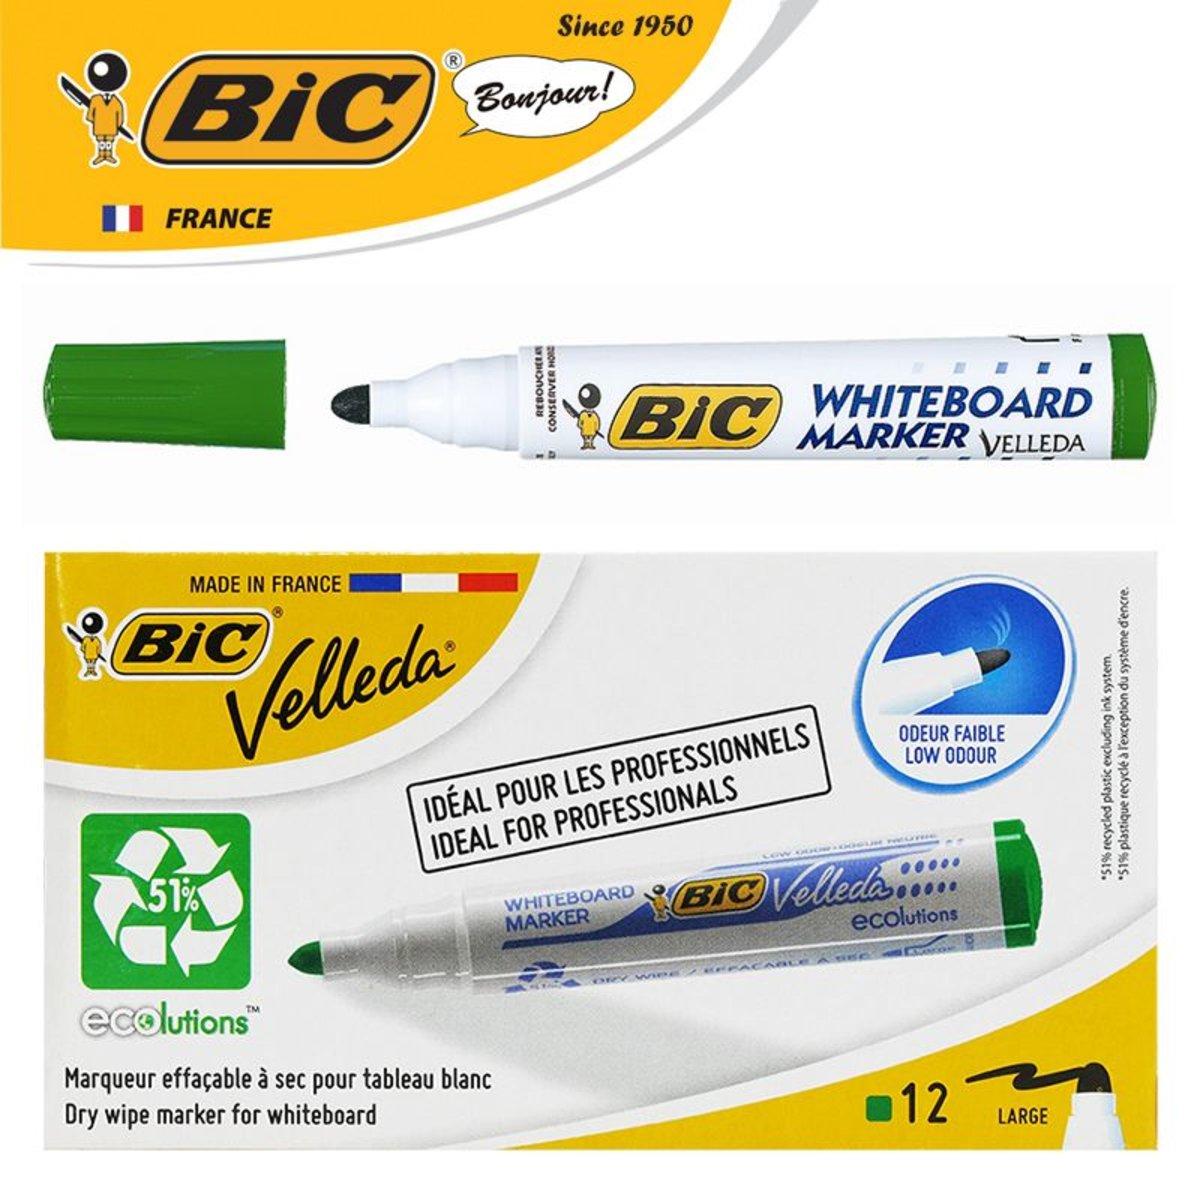 法國BIC VELLEDA 1701 白板筆 - 綠色 (法國製造) | 12支盒裝